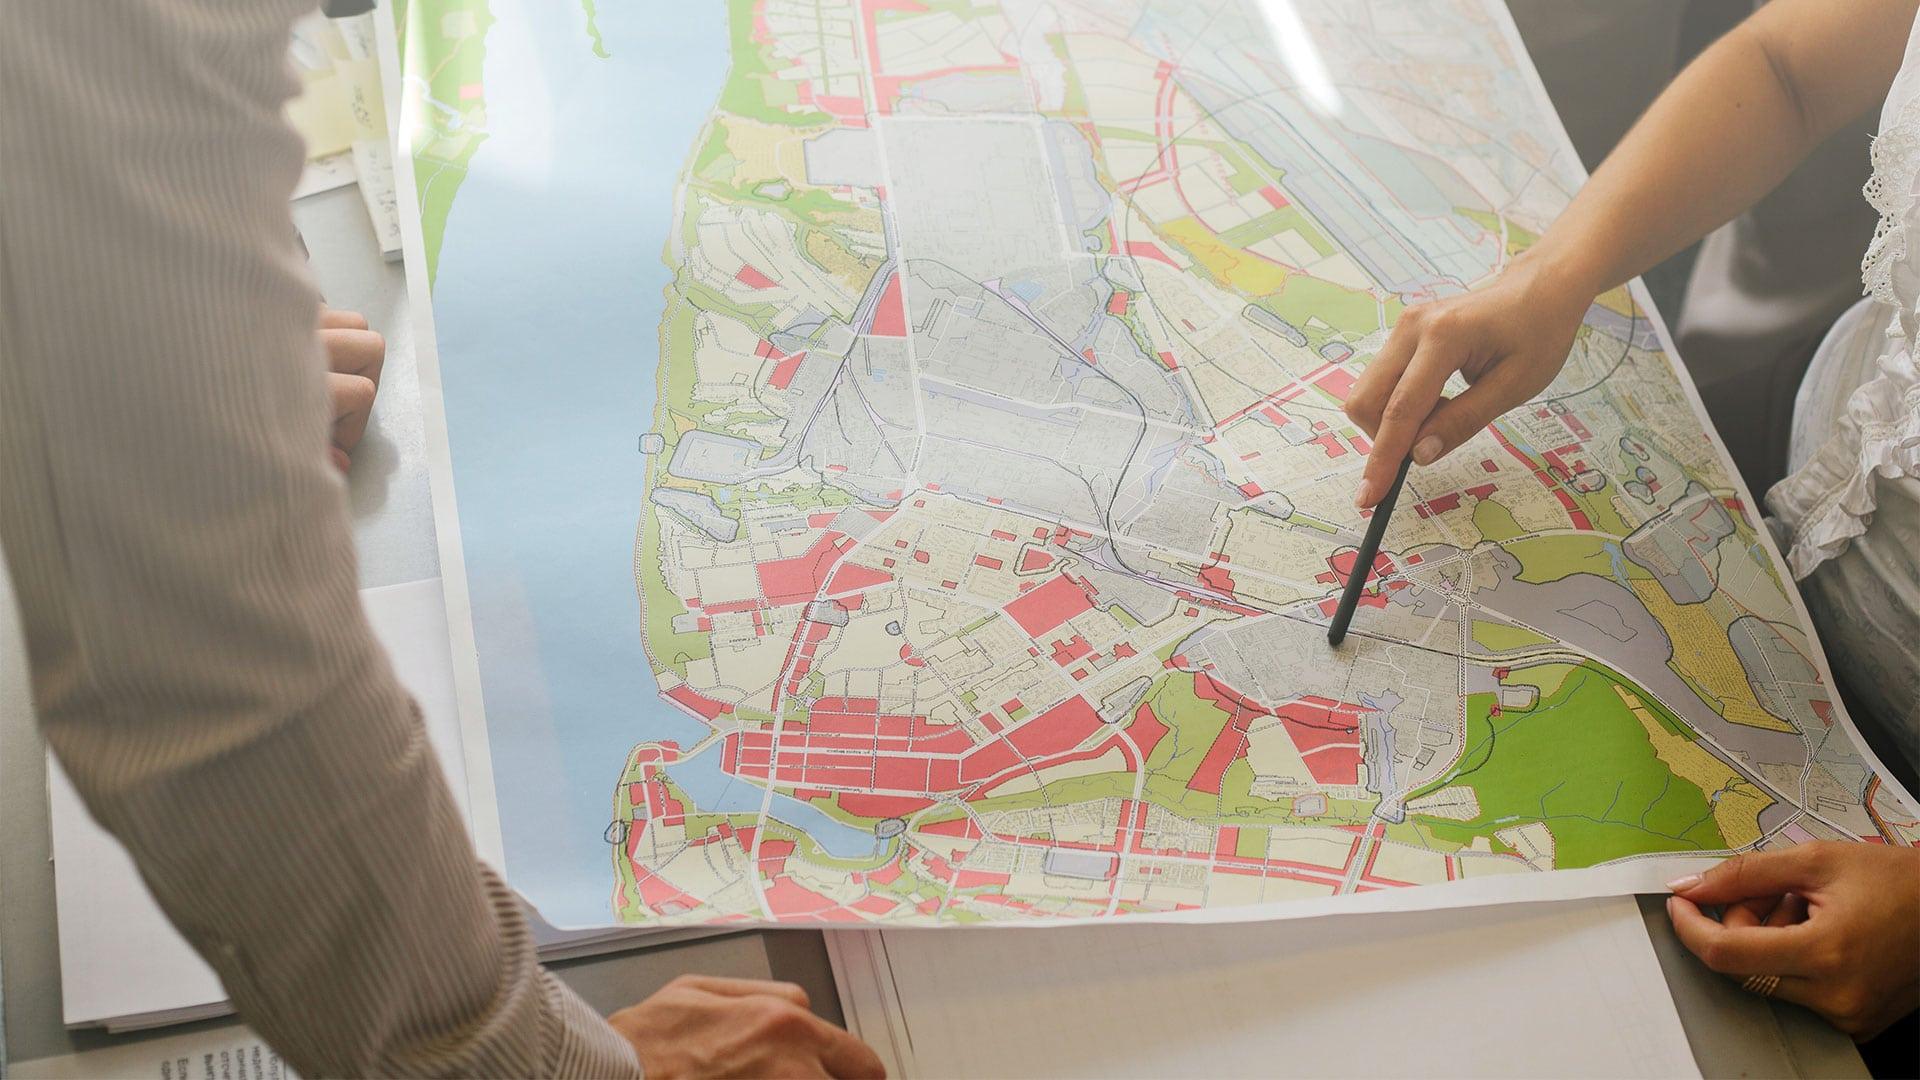 localisation de zones protégées sur un plan